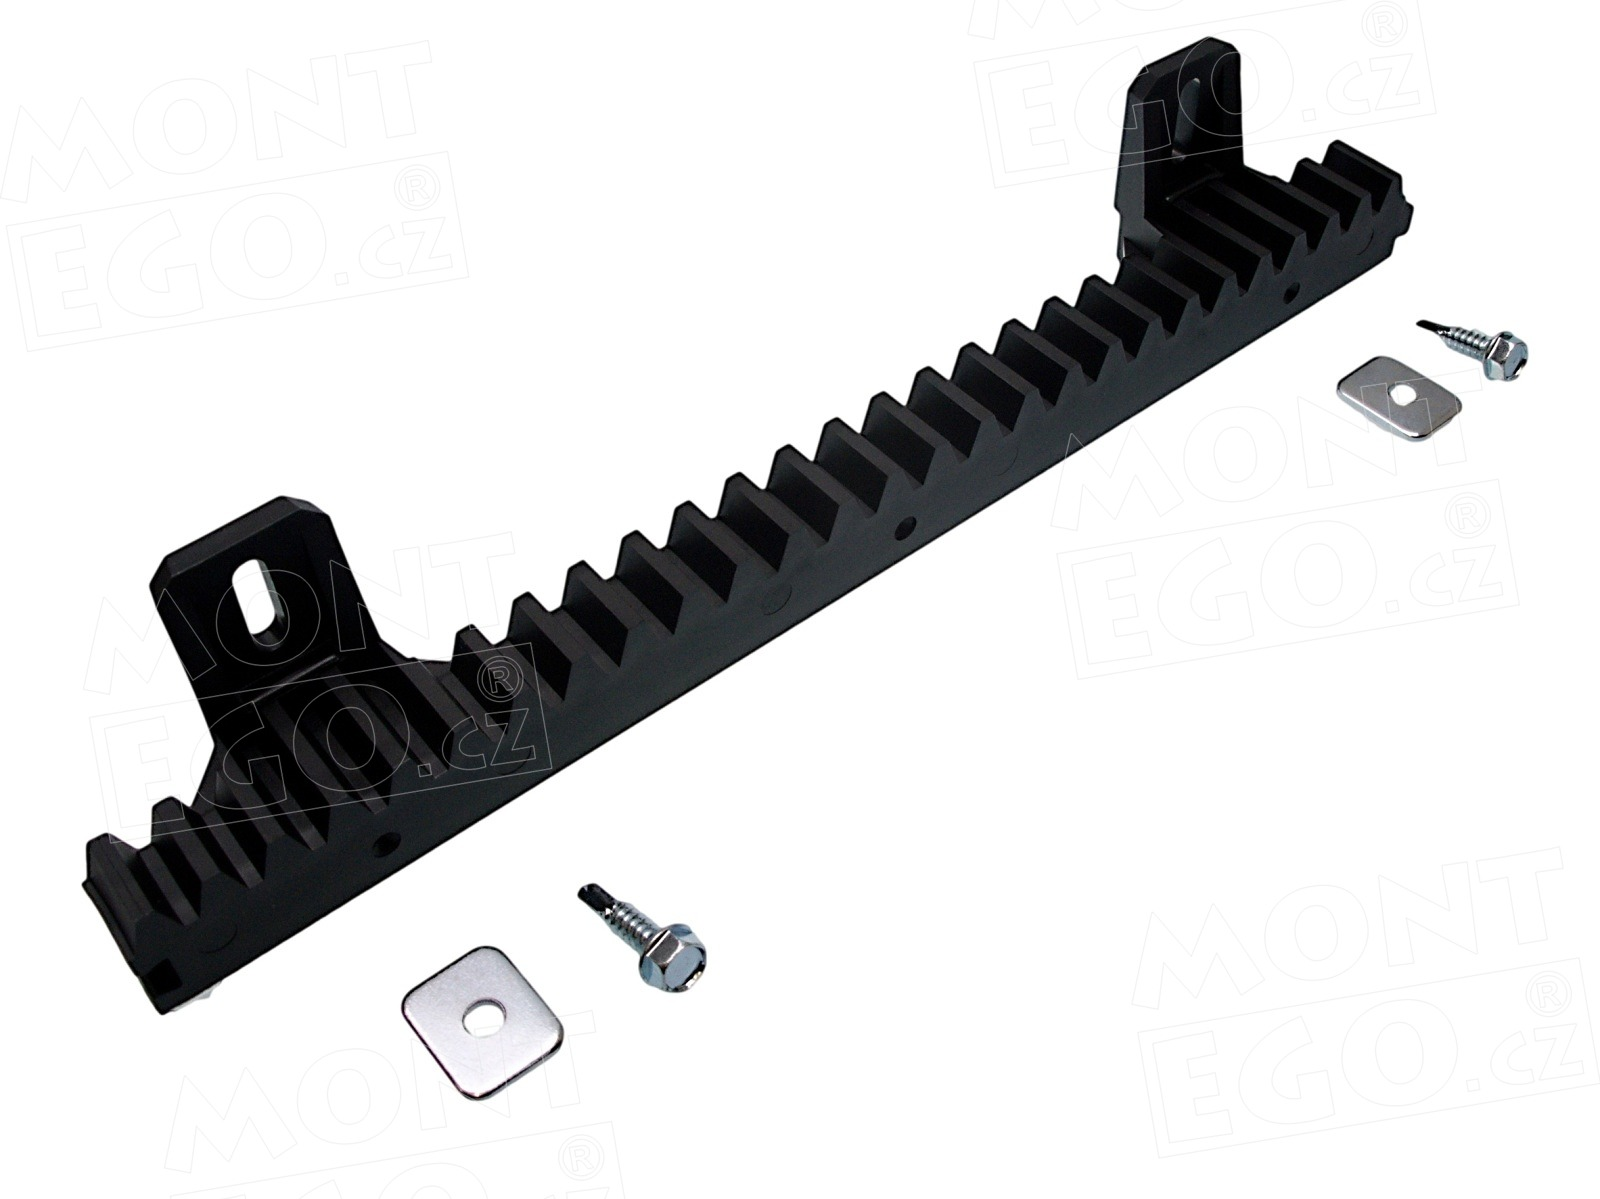 Plastový ozubený hřeben s ocelovou výztuhou pro posuvné pohony bran, PHRB.033, délka 33 cm